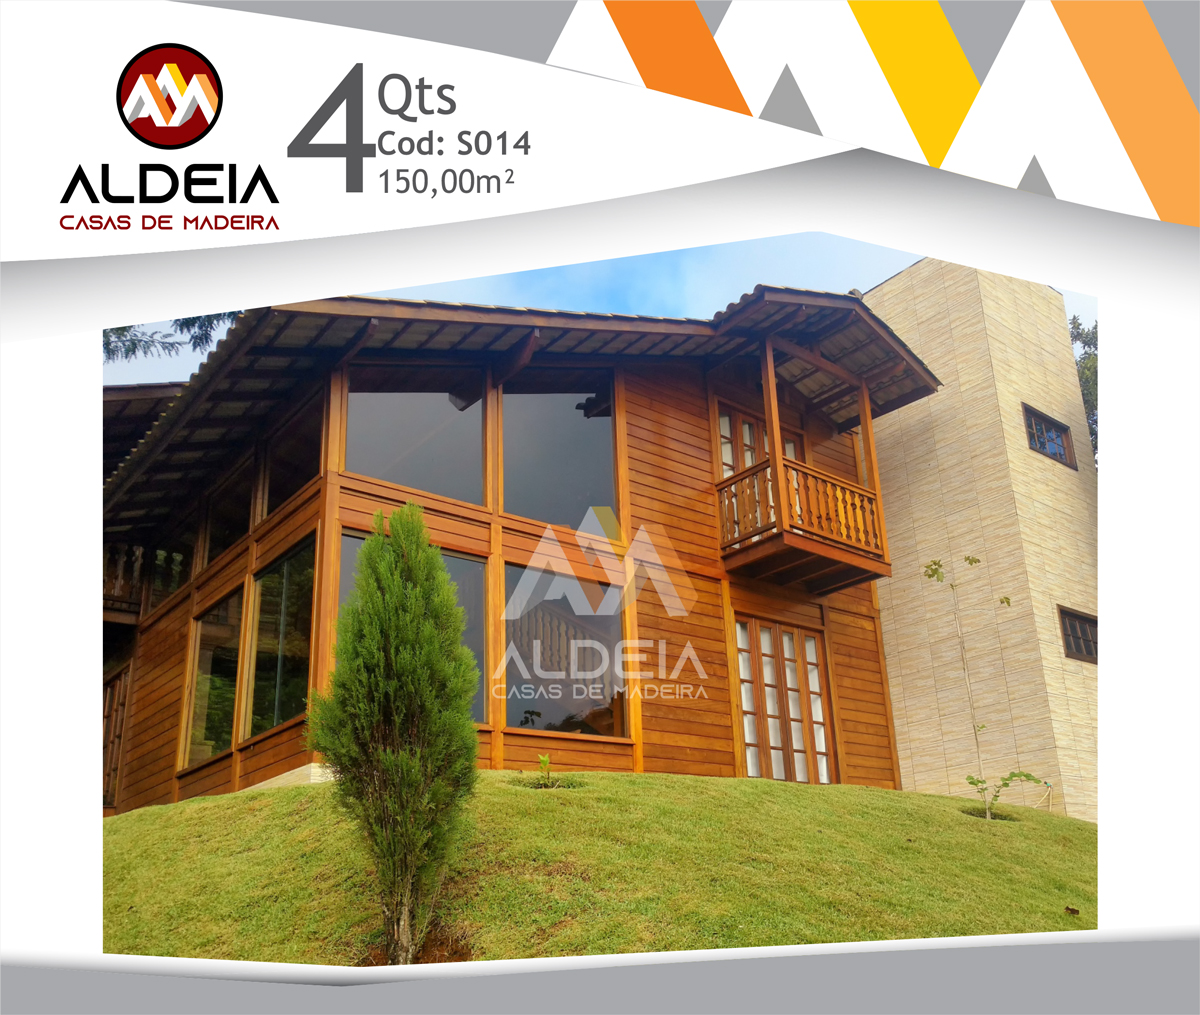 aldeia-casas-madeira-fachada-S014